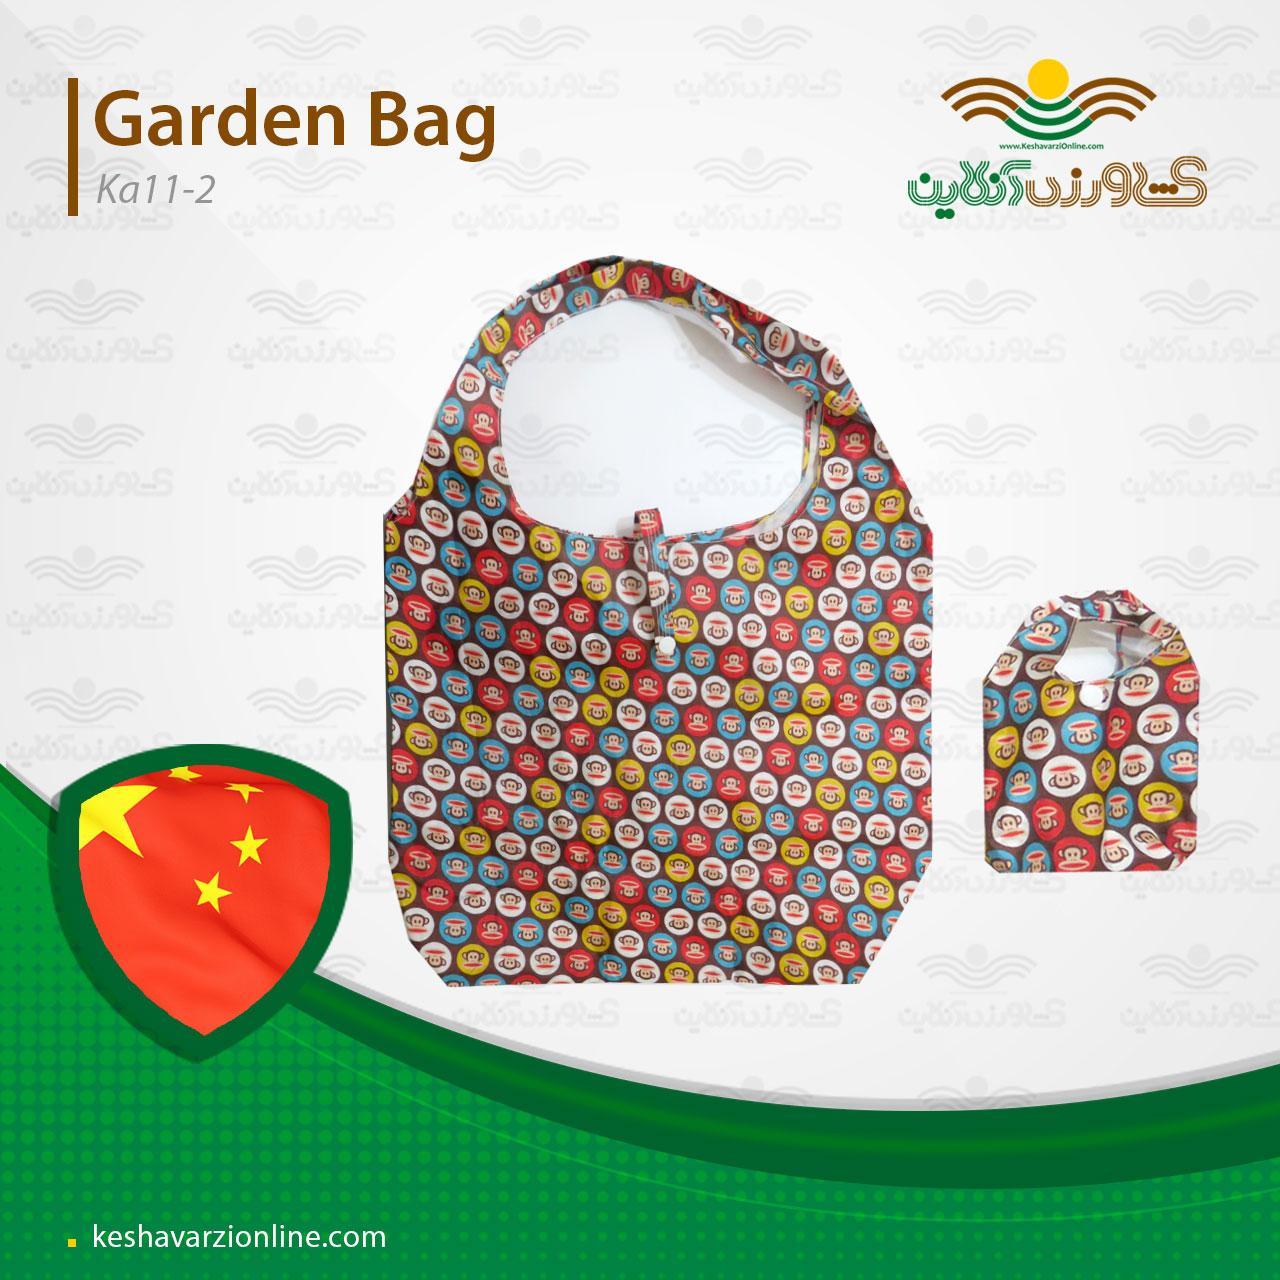 کیف باغبانی Ka11.2